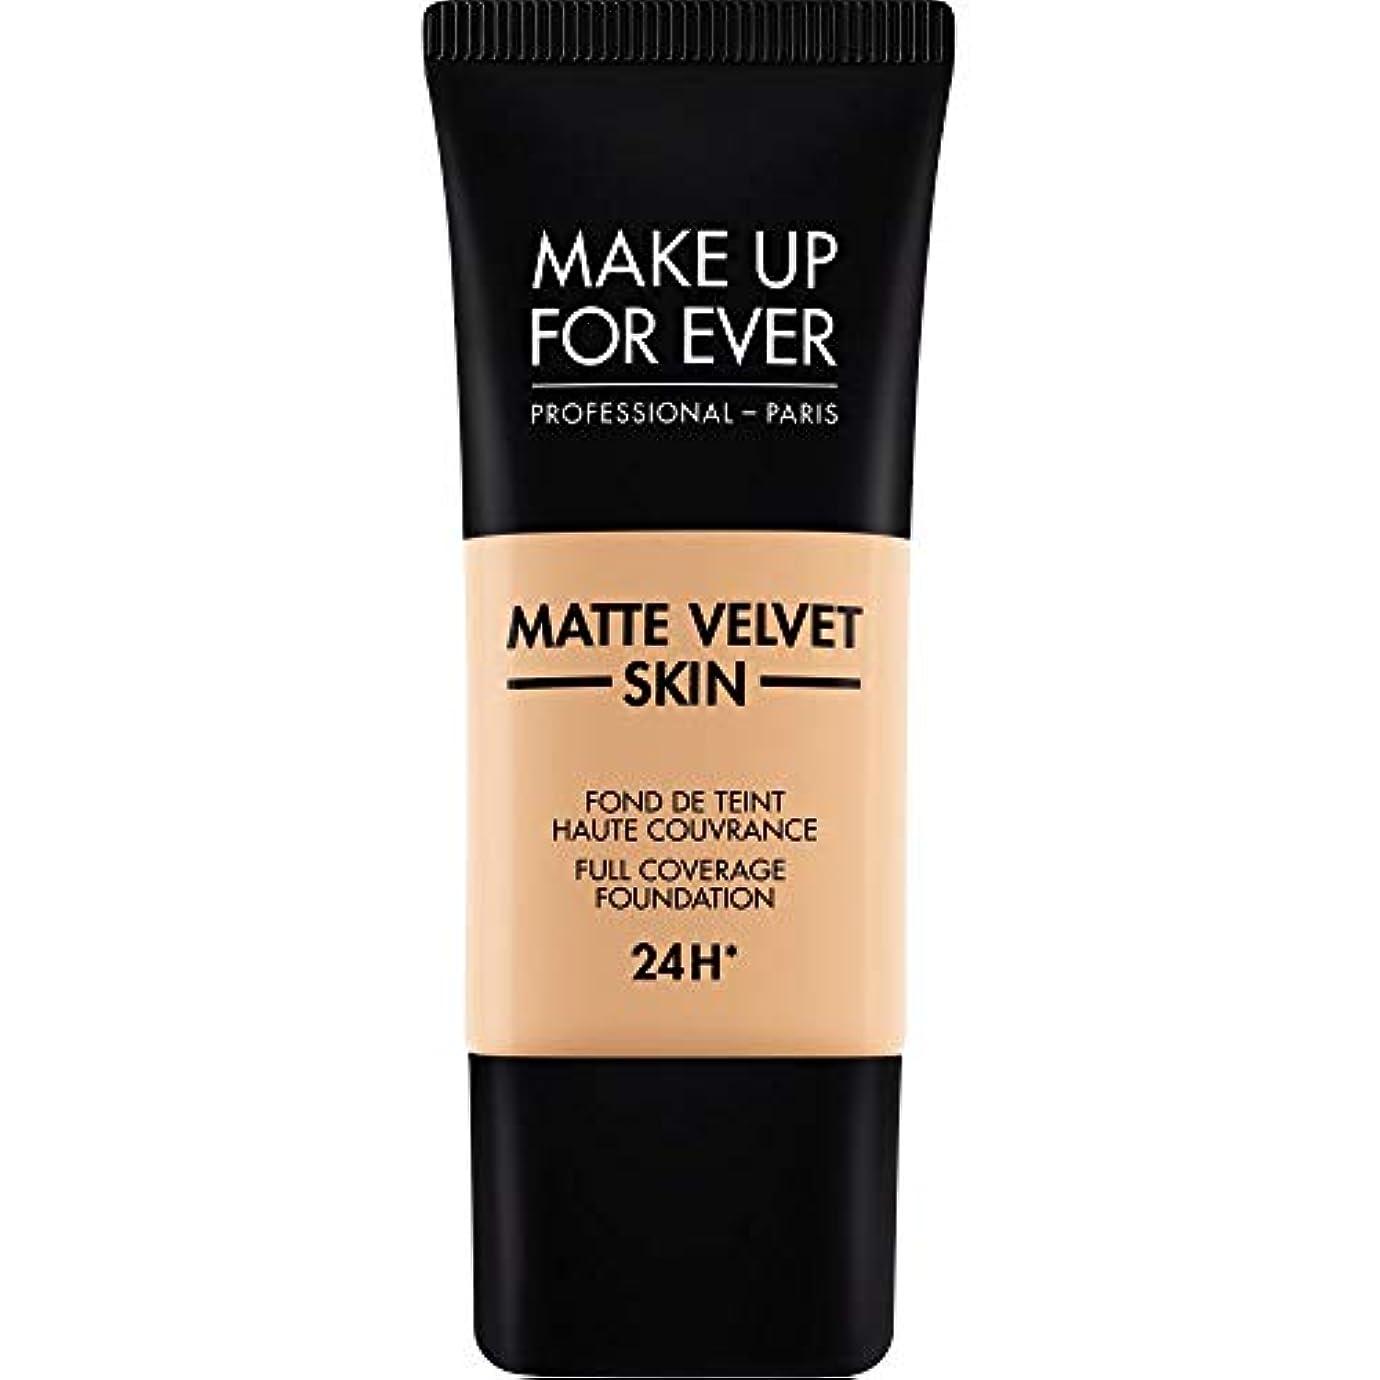 メダリスト閉じる認識[MAKE UP FOR EVER] ソフトベージュ - これまでマットベルベットの皮膚のフルカバレッジ基礎30ミリリットルのY305を補います - MAKE UP FOR EVER Matte Velvet Skin Full Coverage Foundation 30ml Y305 - Soft Beige [並行輸入品]